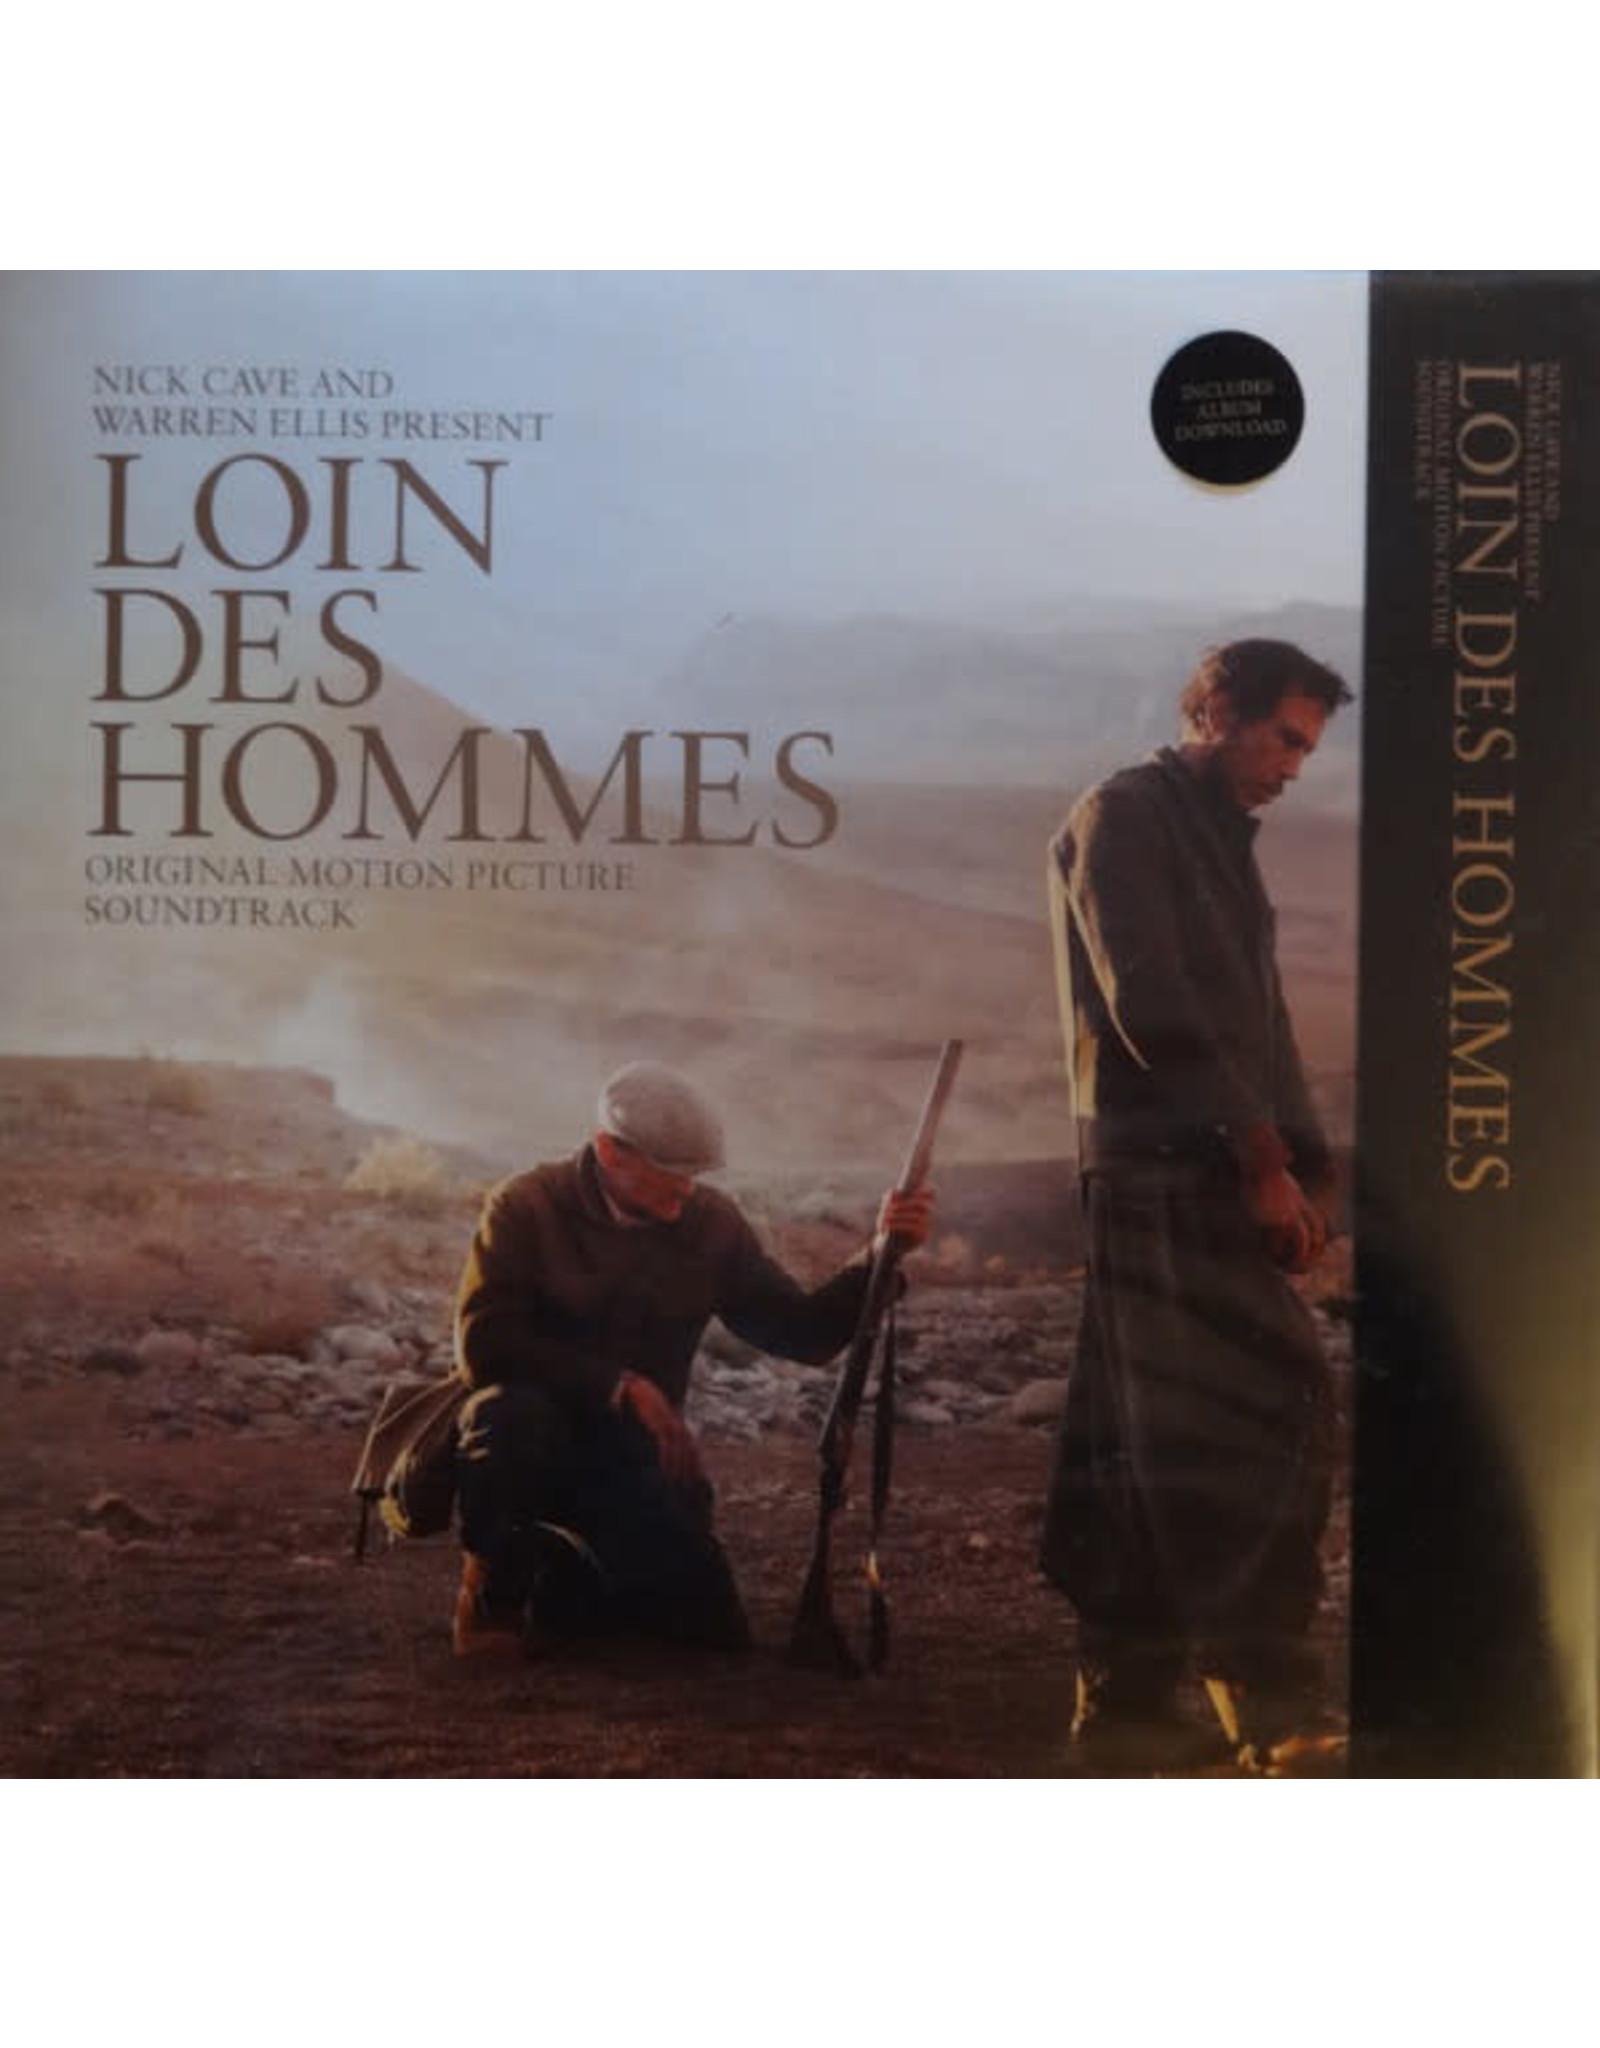 Cave, Nick and Warren Ellis - Loin Des Hommes (score - Far From Men) LP